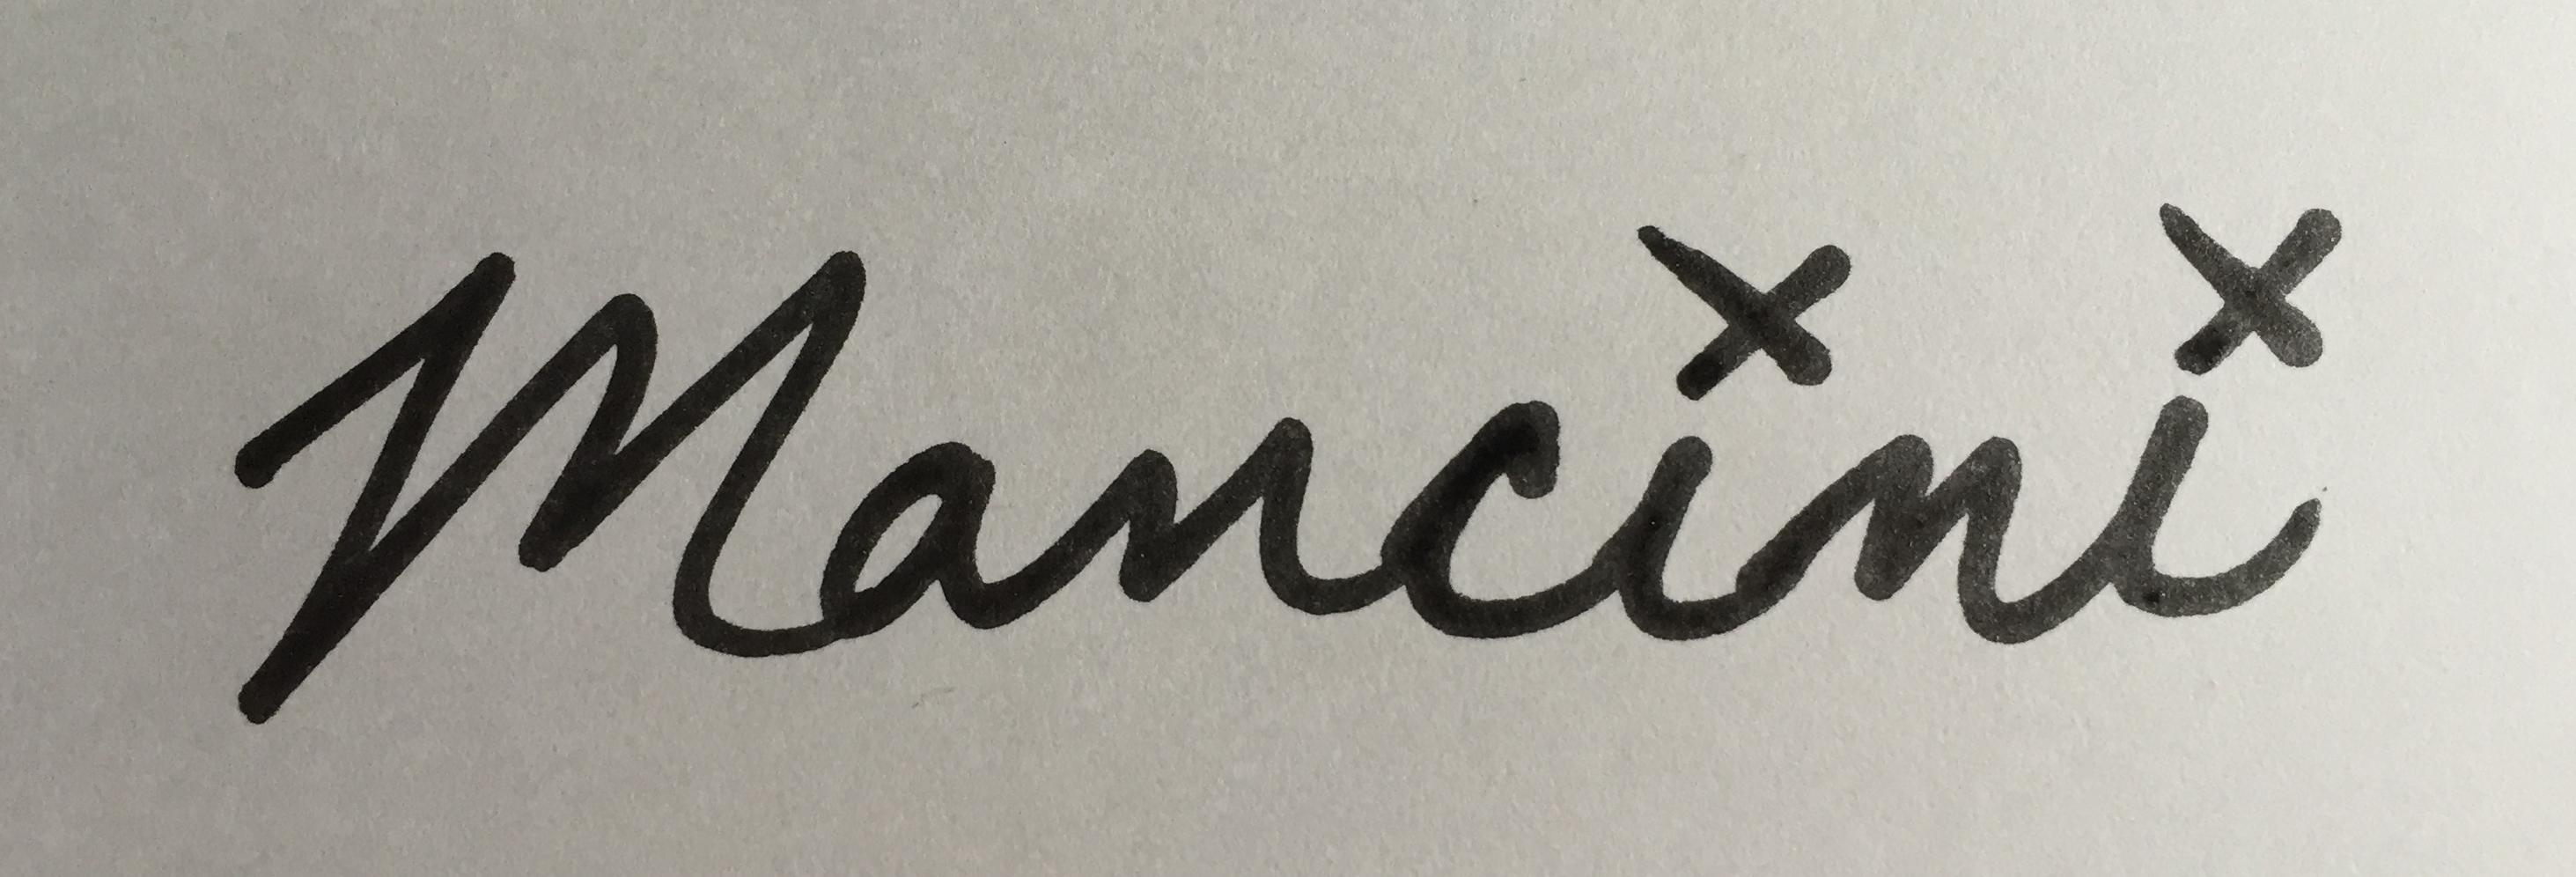 Eric Mancini's Signature